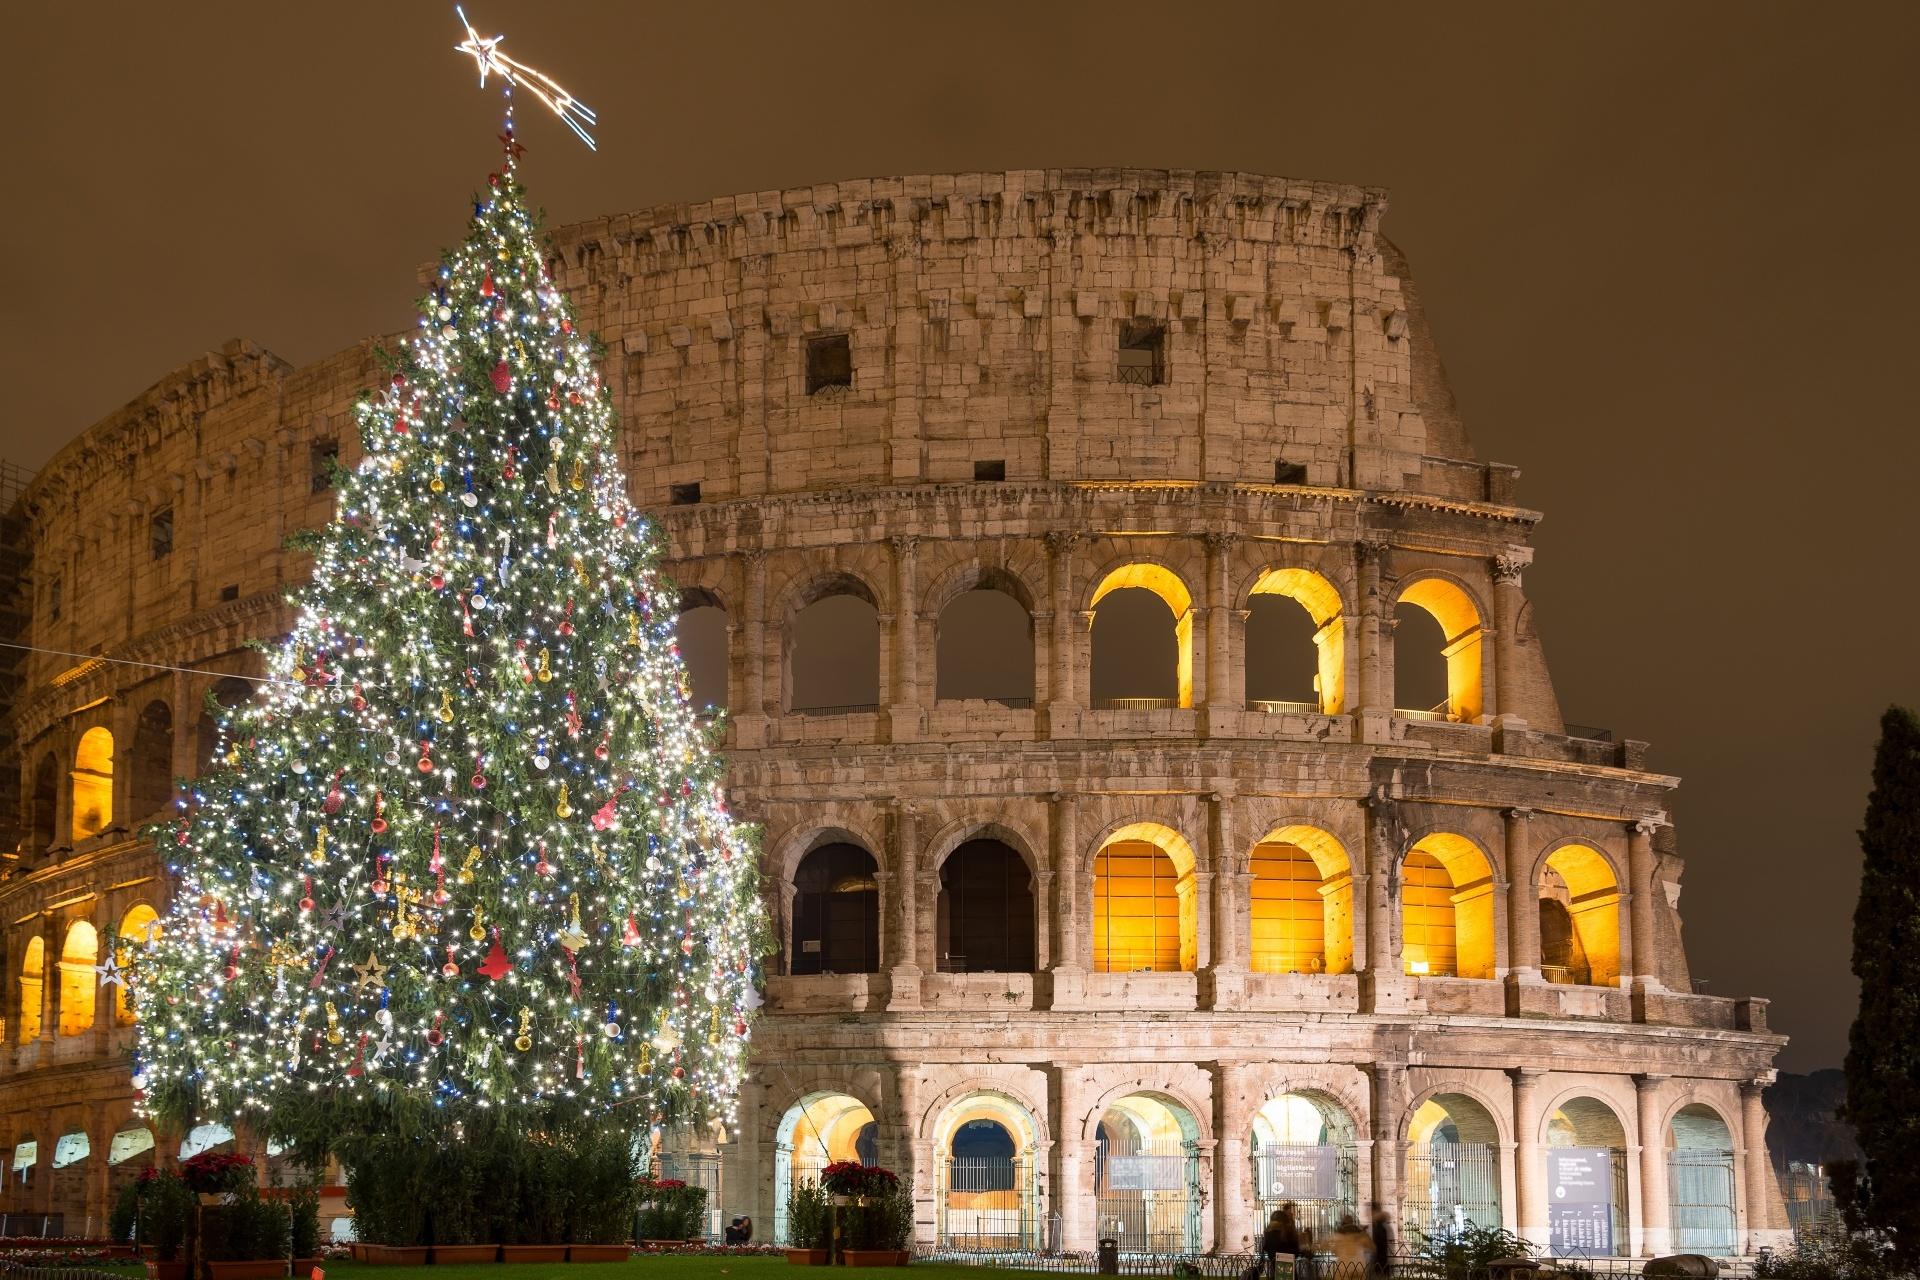 クリスマス時期のローマの世界遺産コロッセオ イタリアの風景